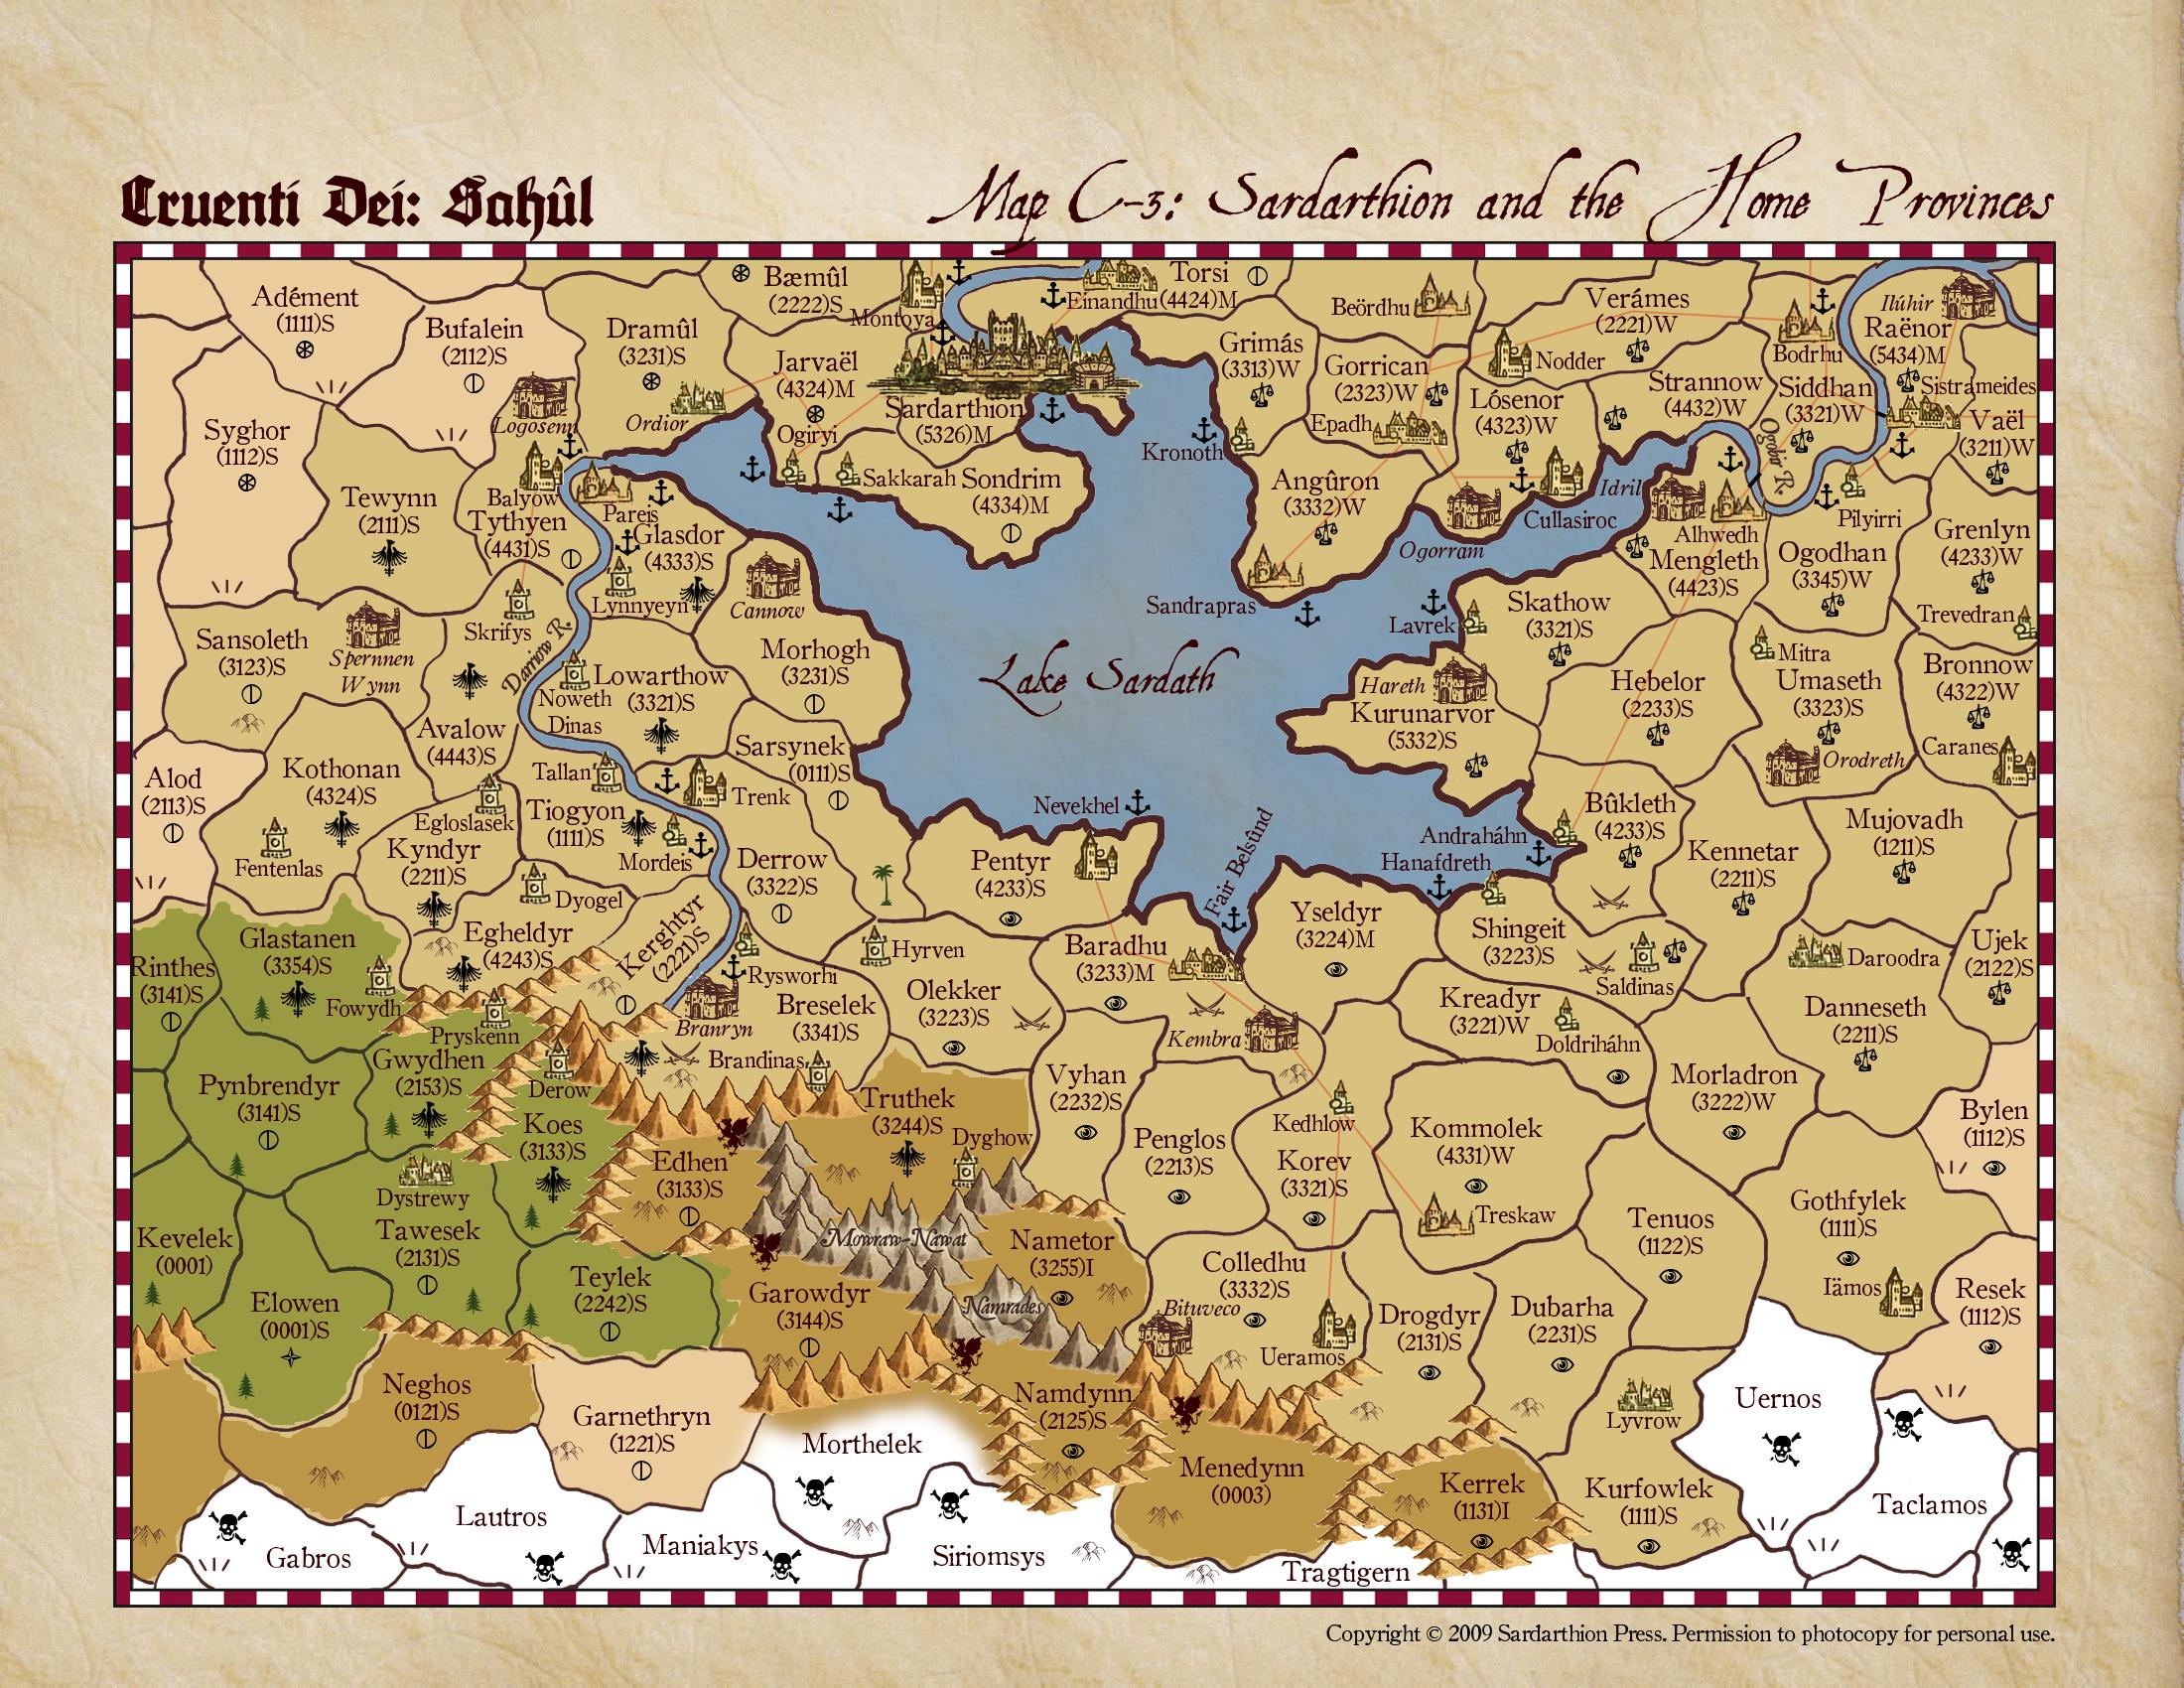 Cruenti Dei: Sah�l, map C-2